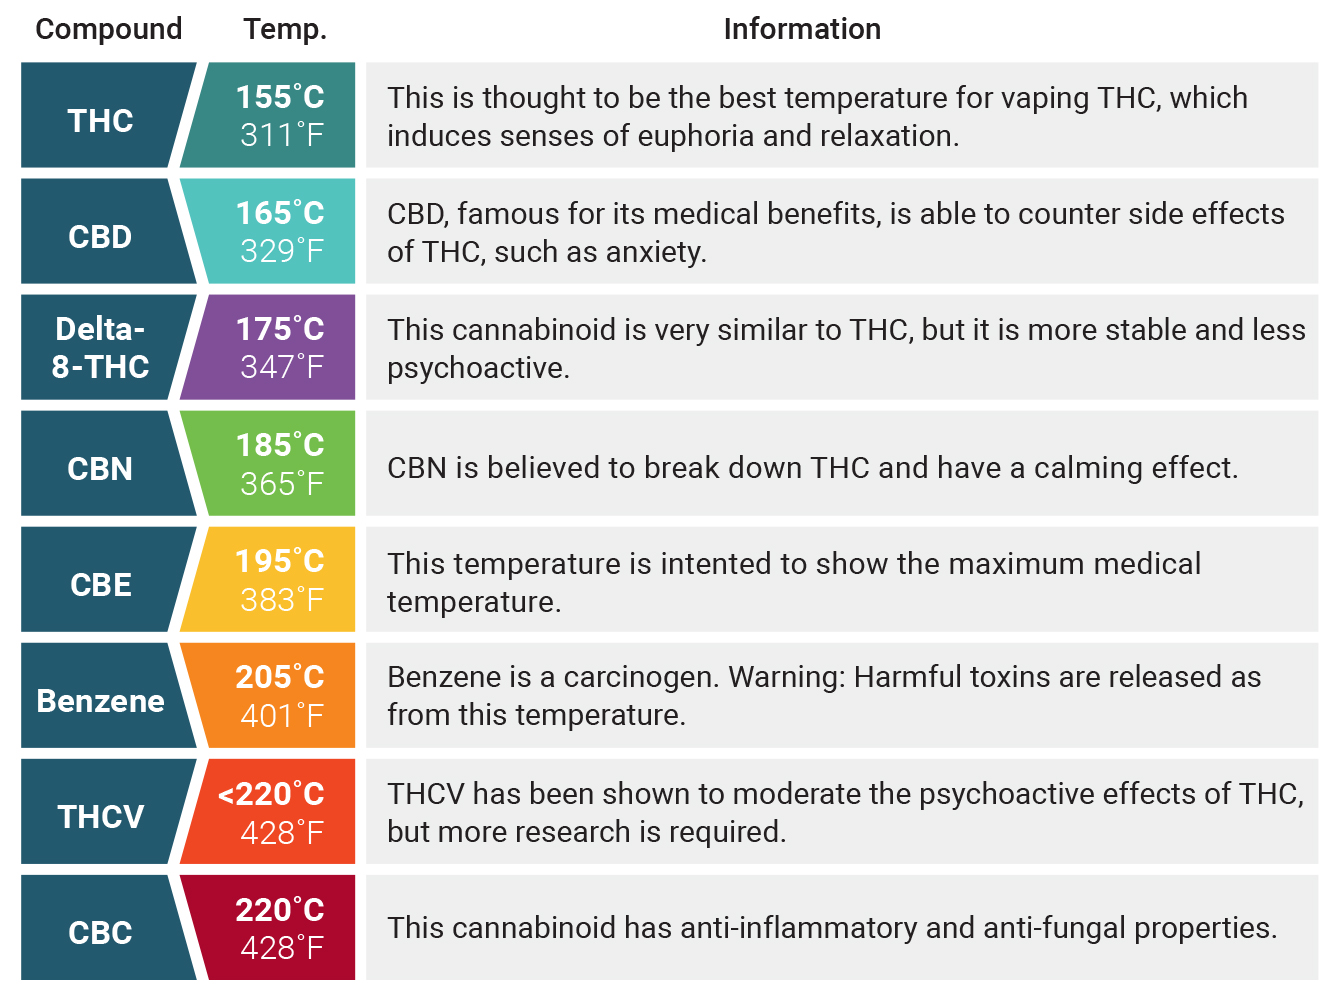 Temperaturas De Vaporización Para El Cannabis